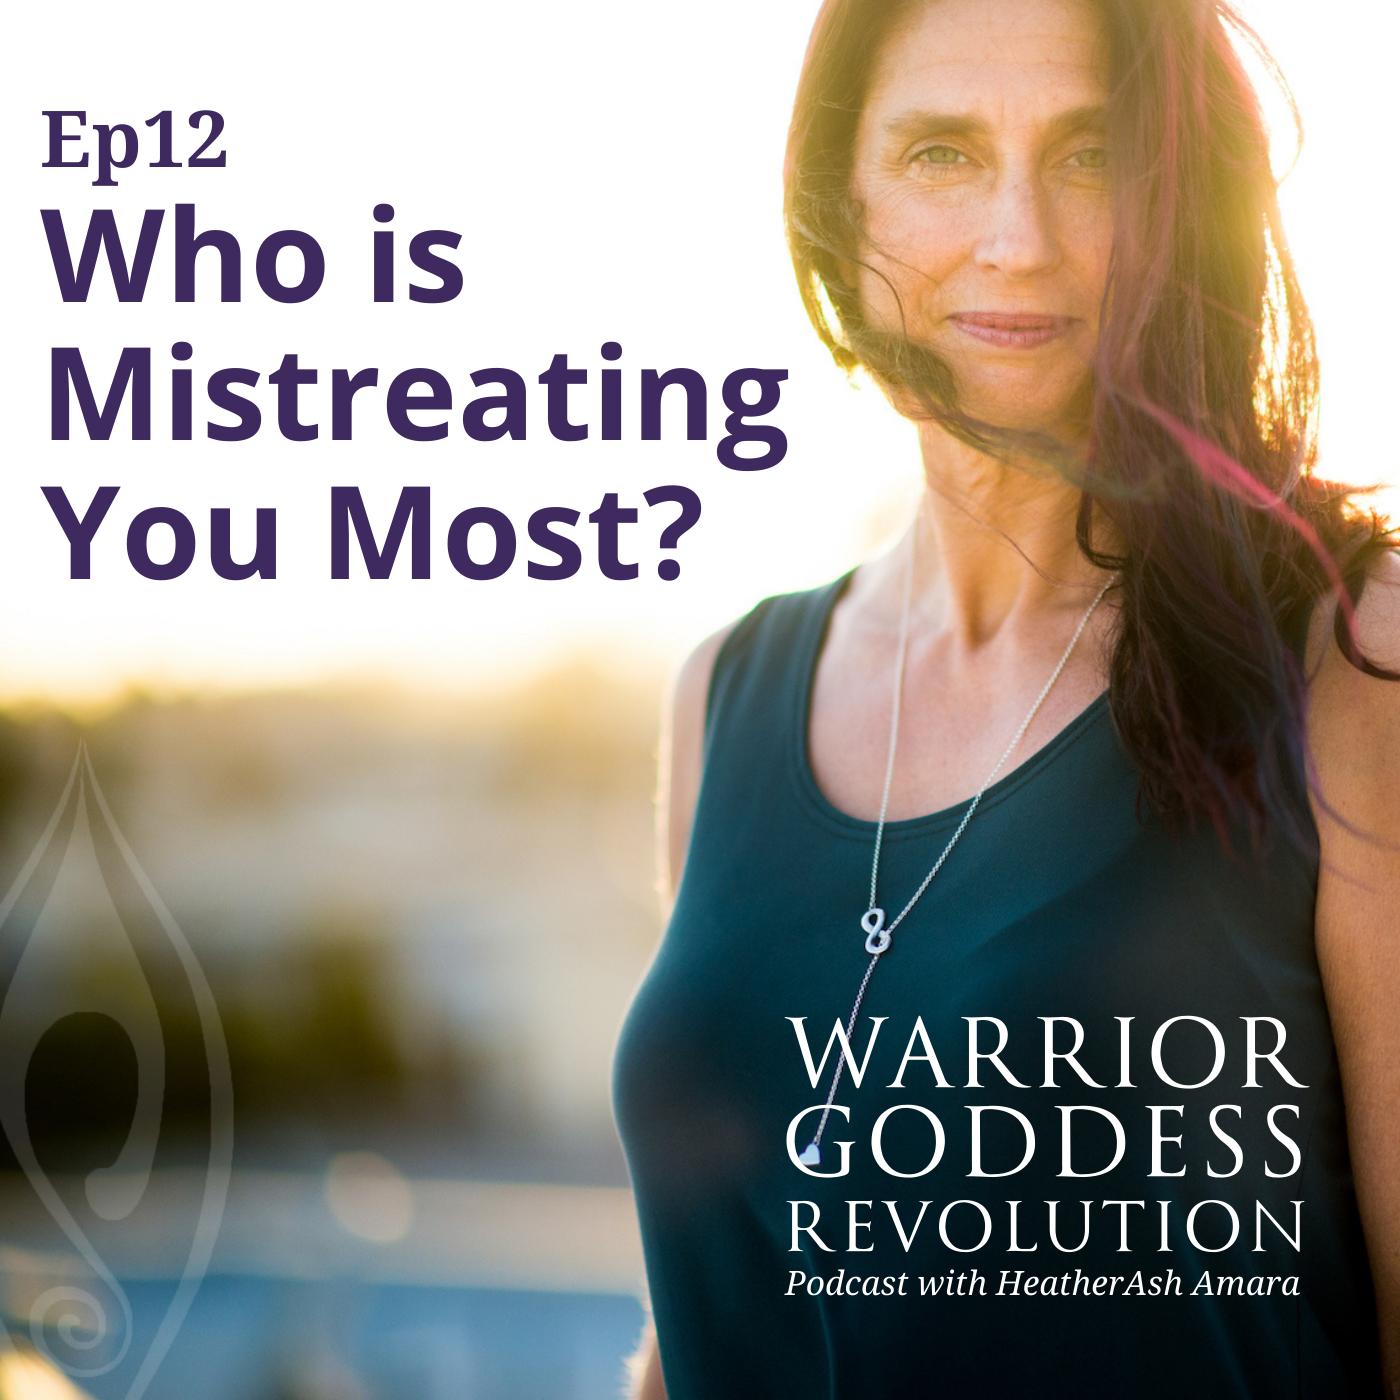 Artwork for podcast Warrior Goddess Revolution